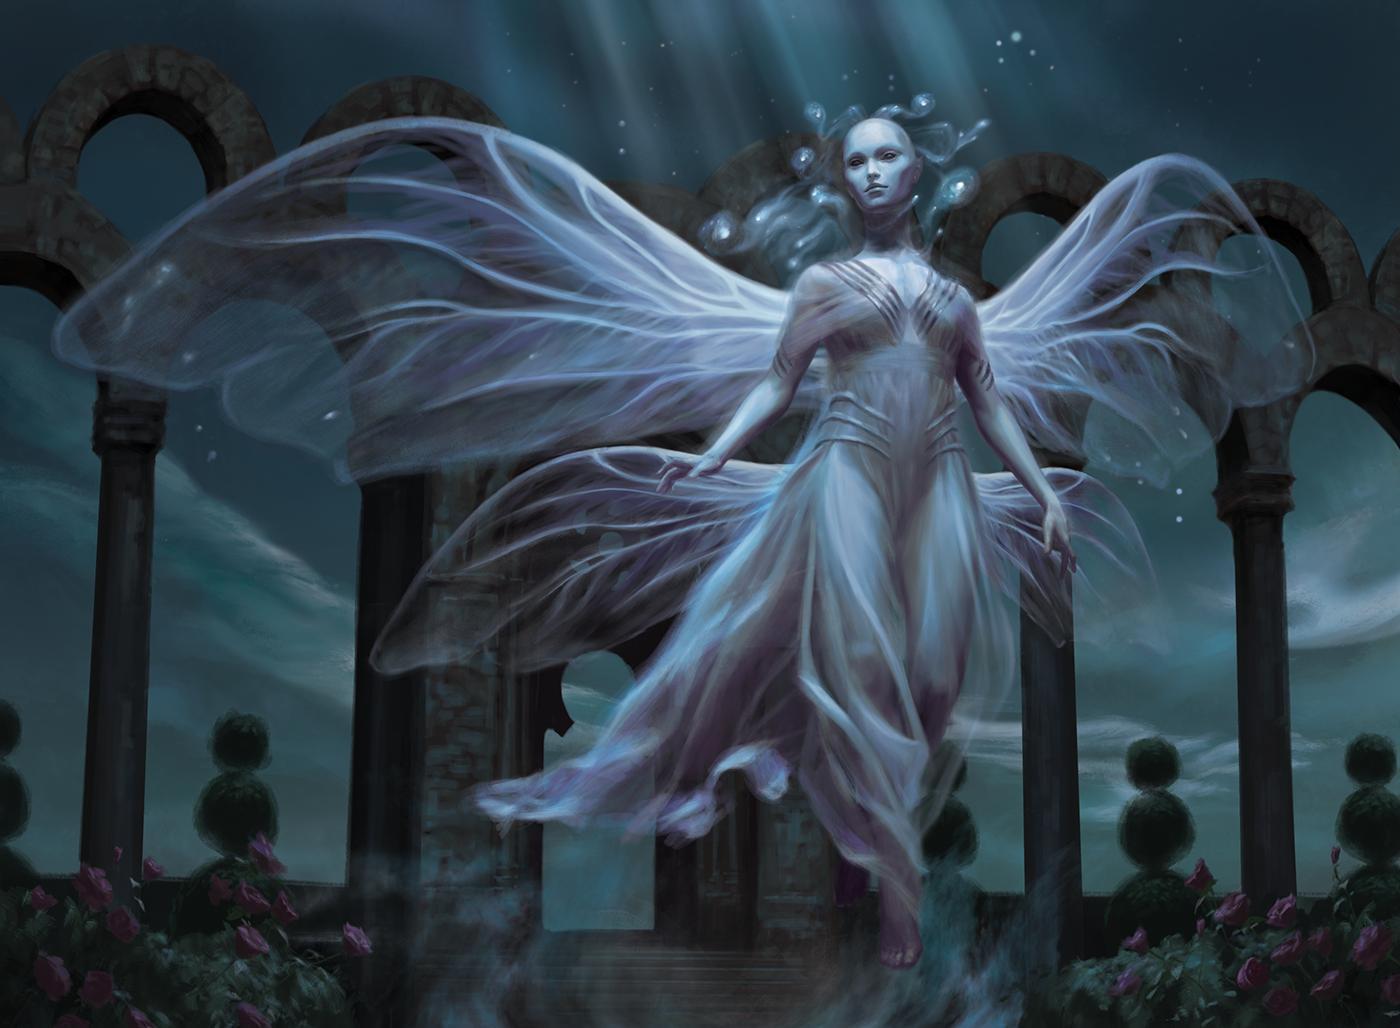 Faerie-Guidemother-Throne-of-Eldraine-MtG-Art